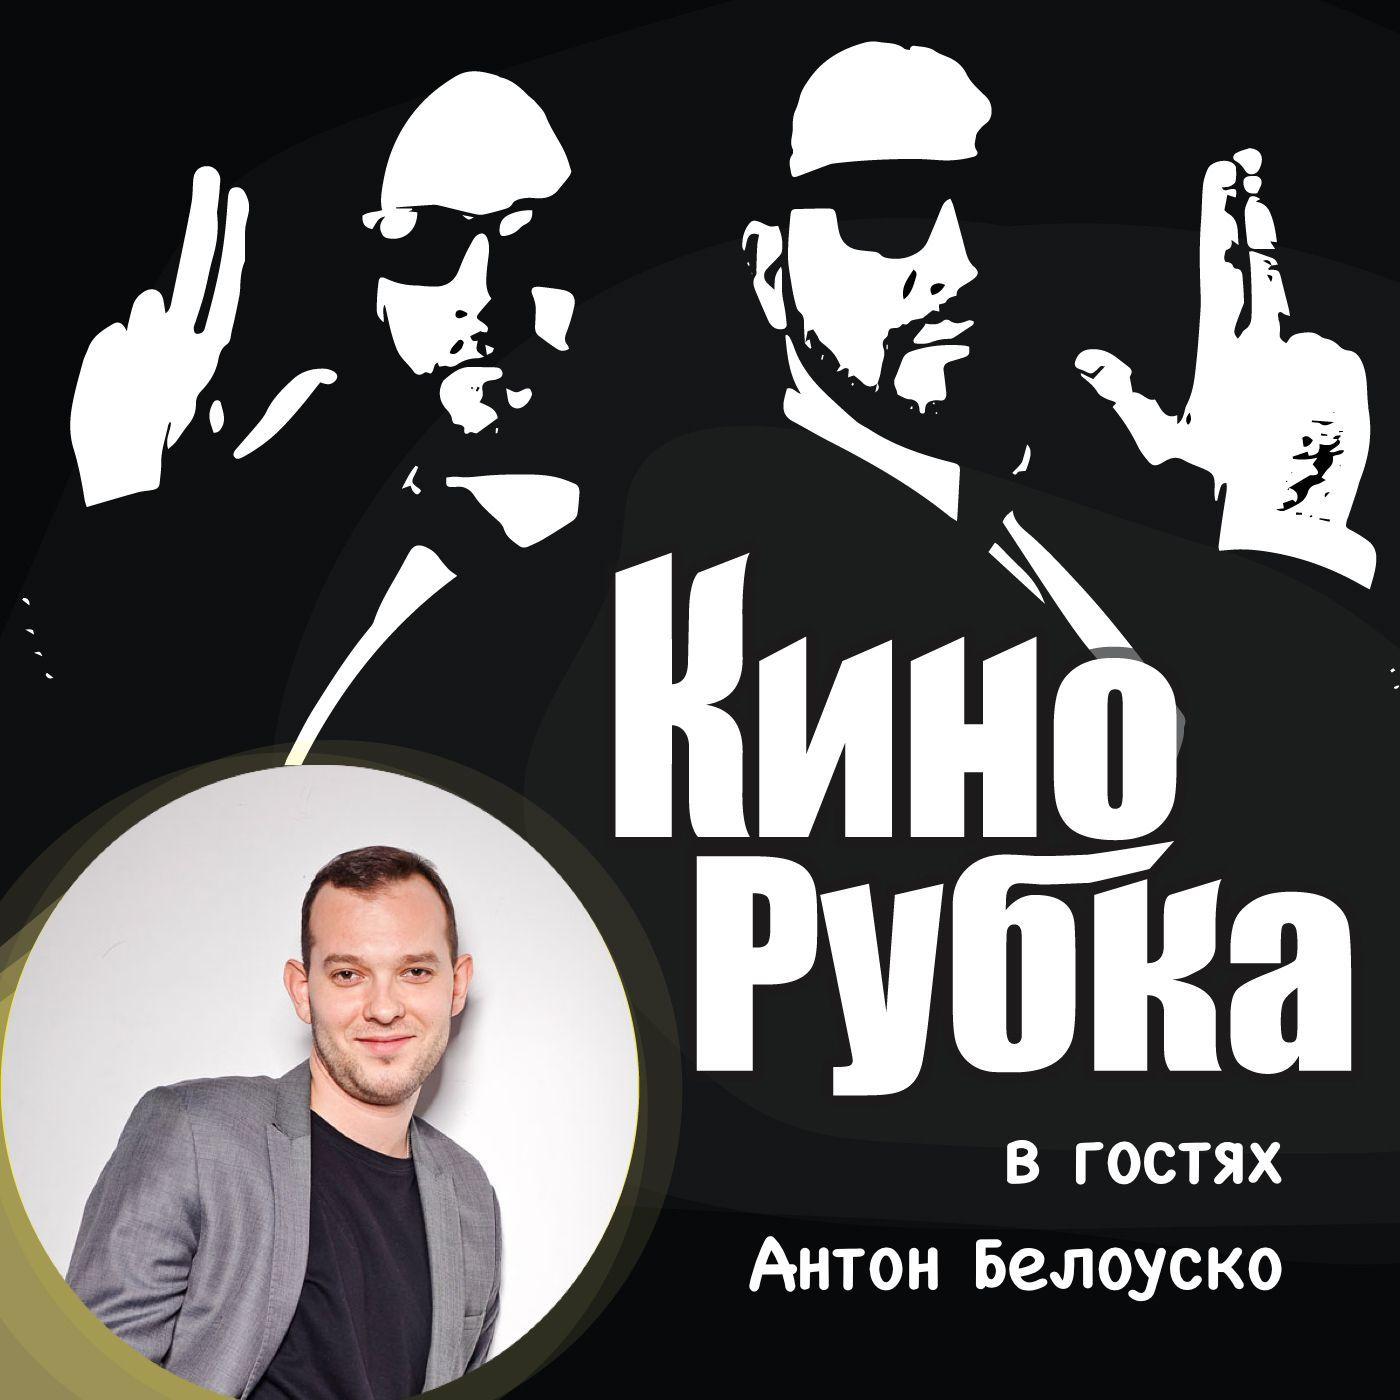 Павел Дикан Актер театра и кино Антон Белоуско павел дикан актер театра и кино николай цонку